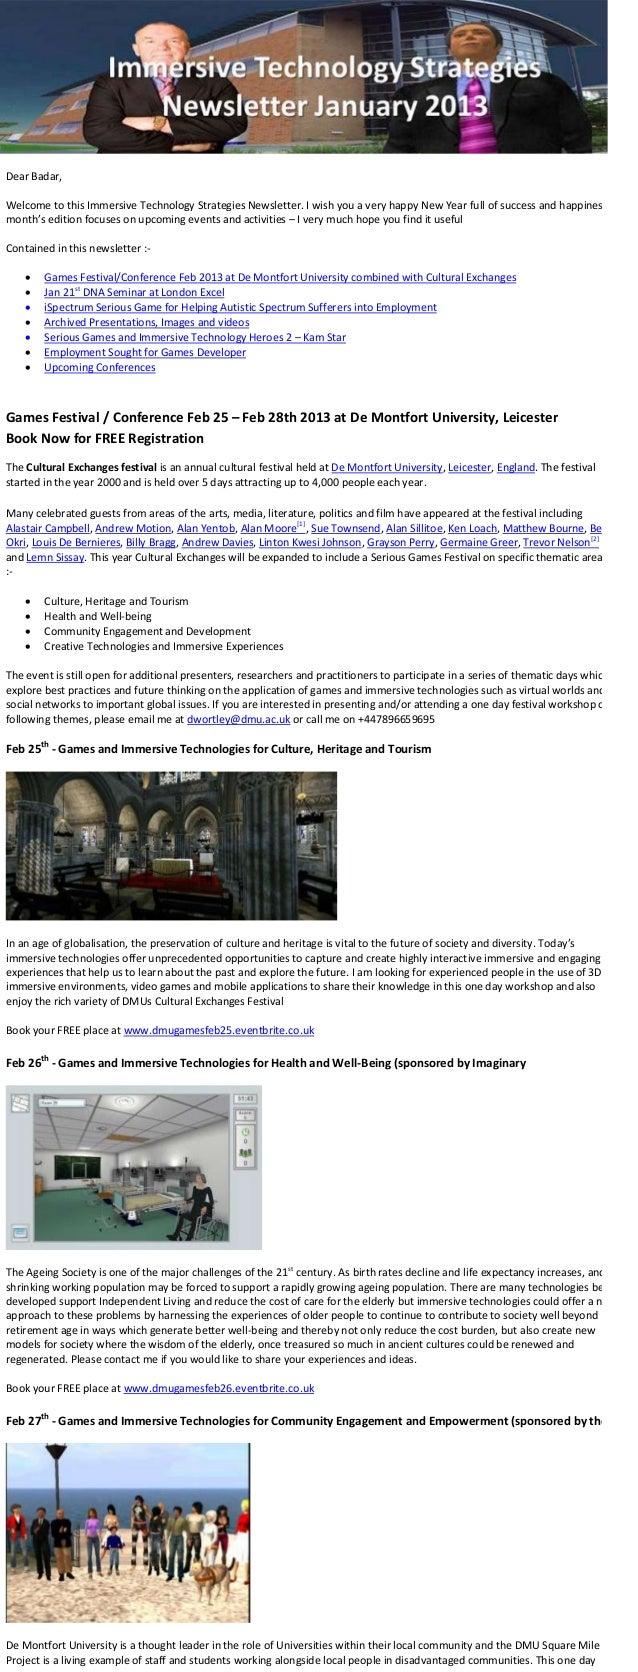 Immersive Techology Strategies Jan 2013 e newsletter